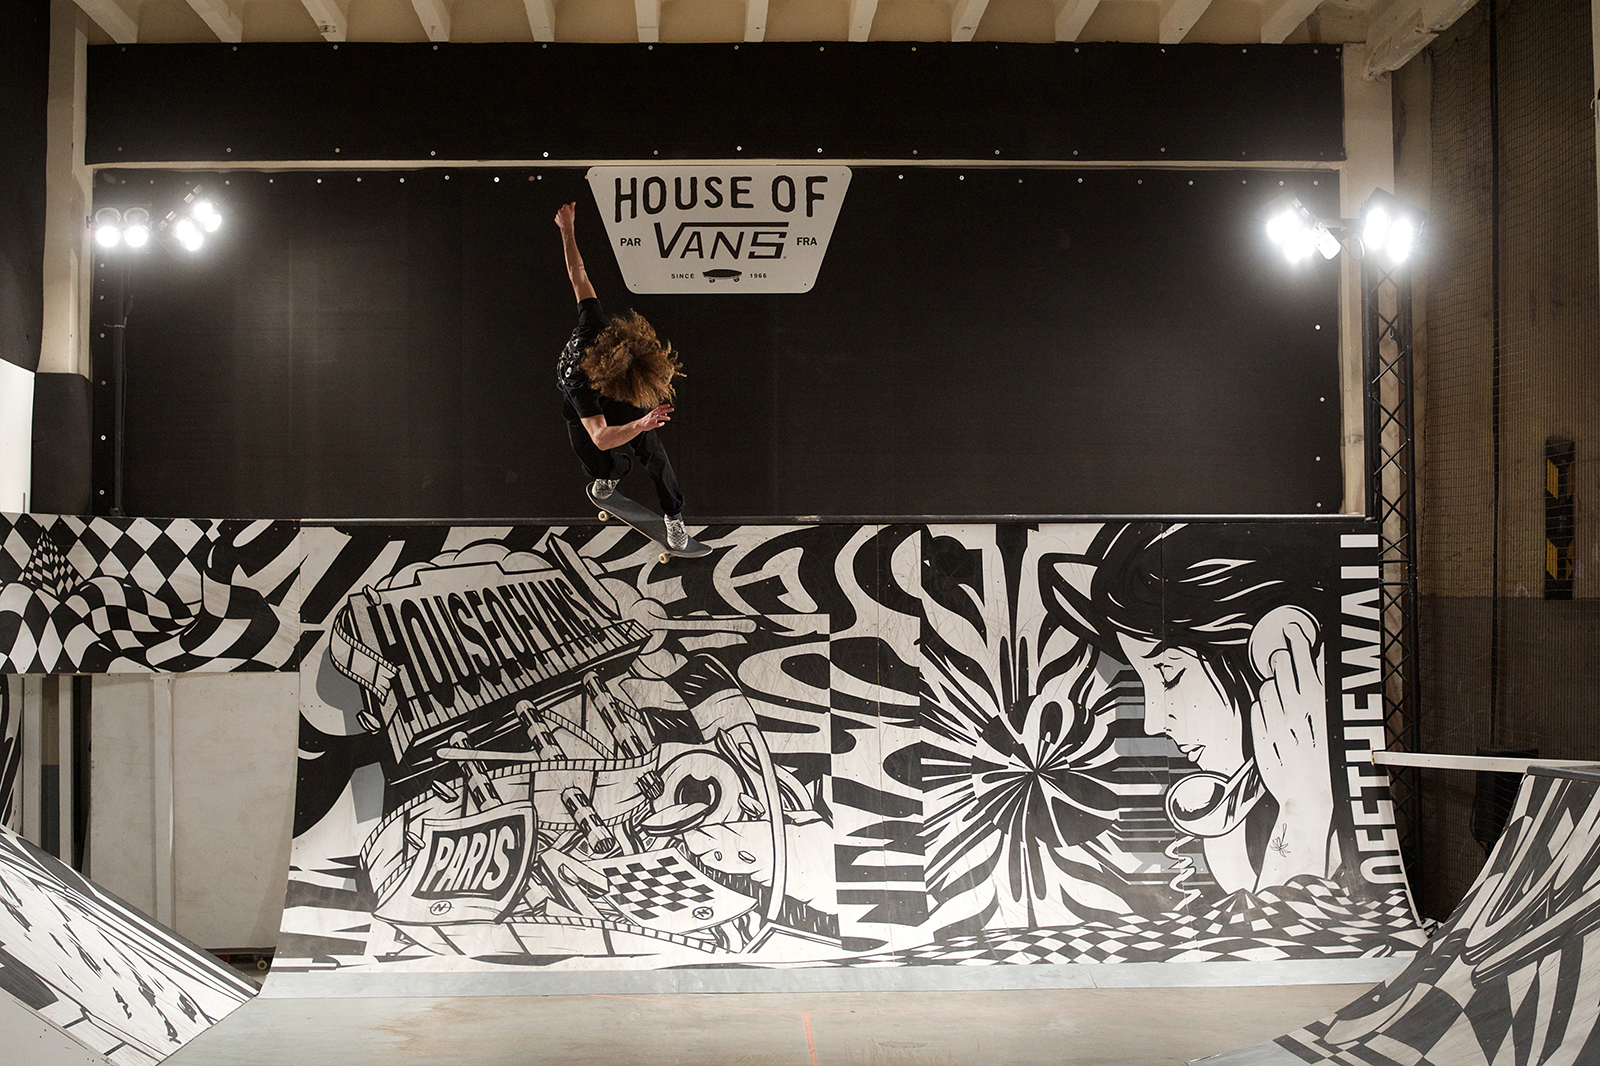 house_of_vans_paris_00.jpg